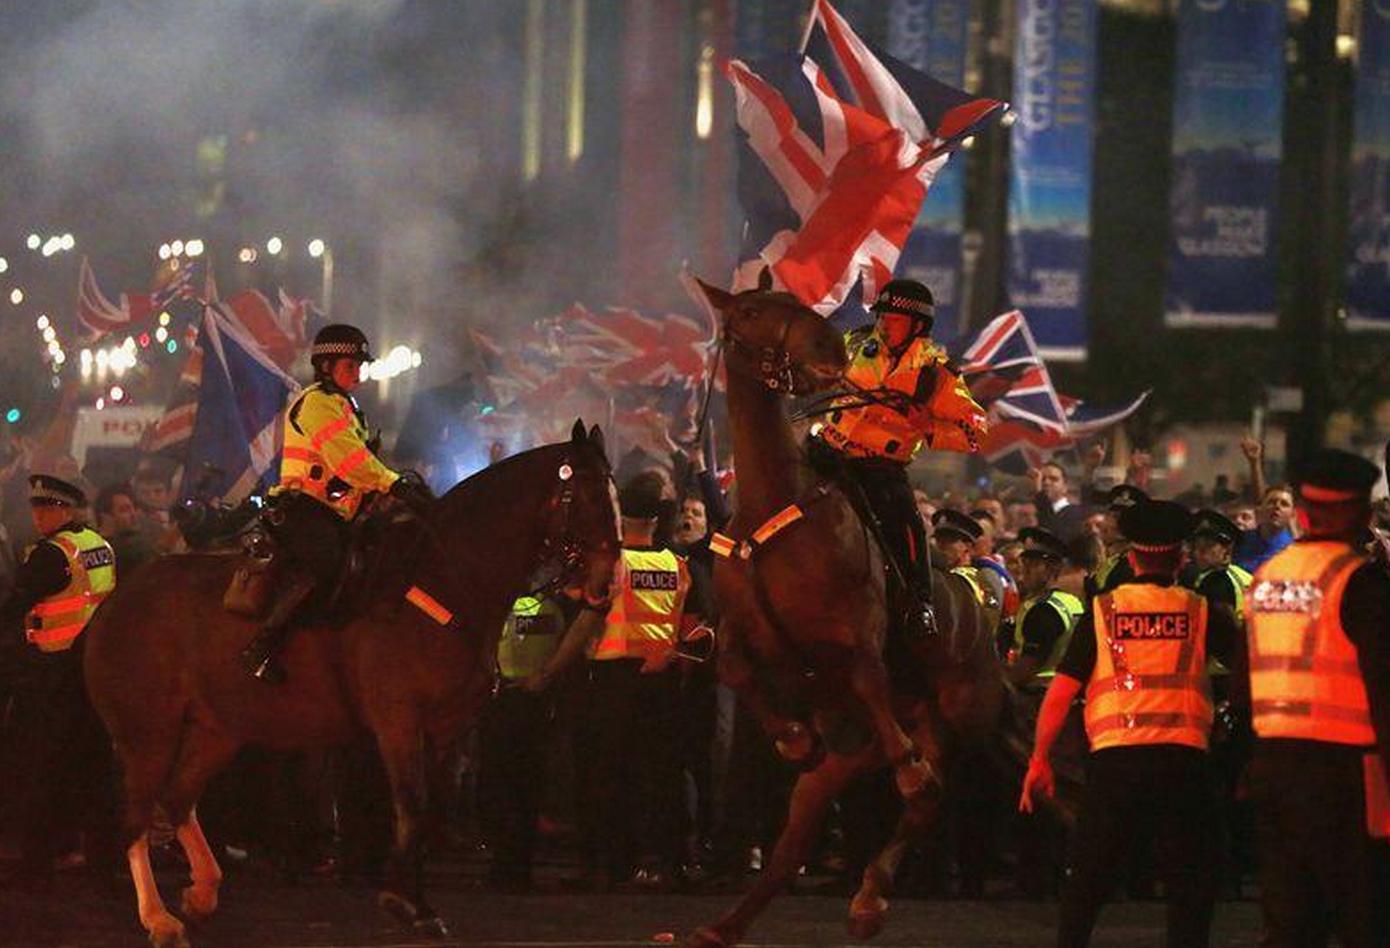 6 Arrested, Scottish Flag Set Ablaze, as #IndyRef Campaigners Violently Clash in Glasgow